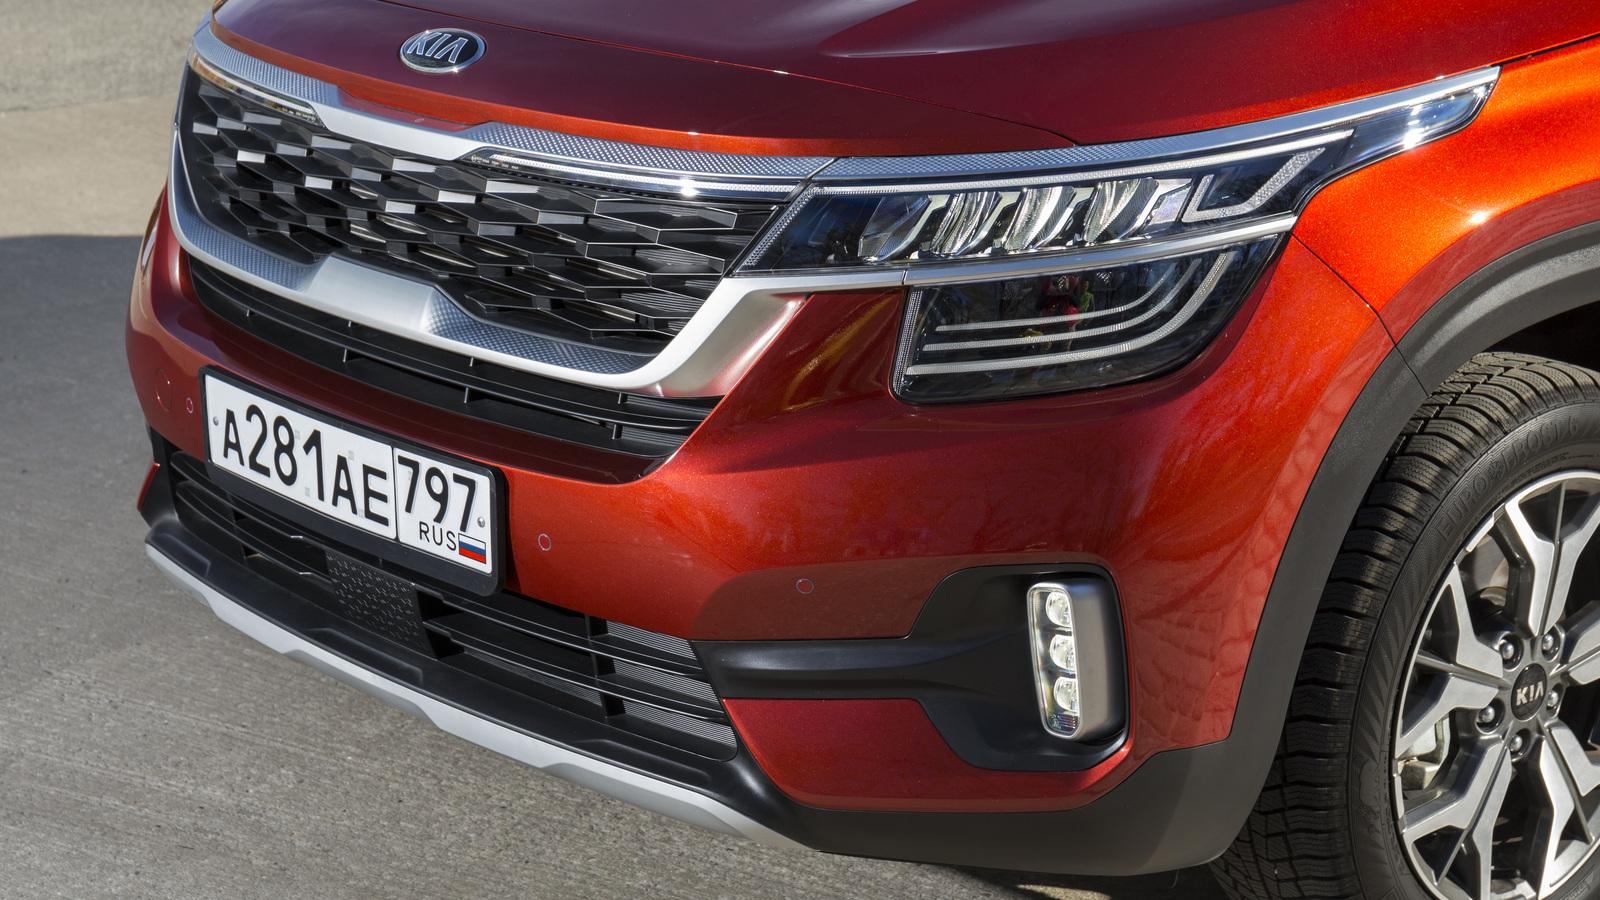 CAR.RU — Названа стоимость автомобиля Kia Seltos для России